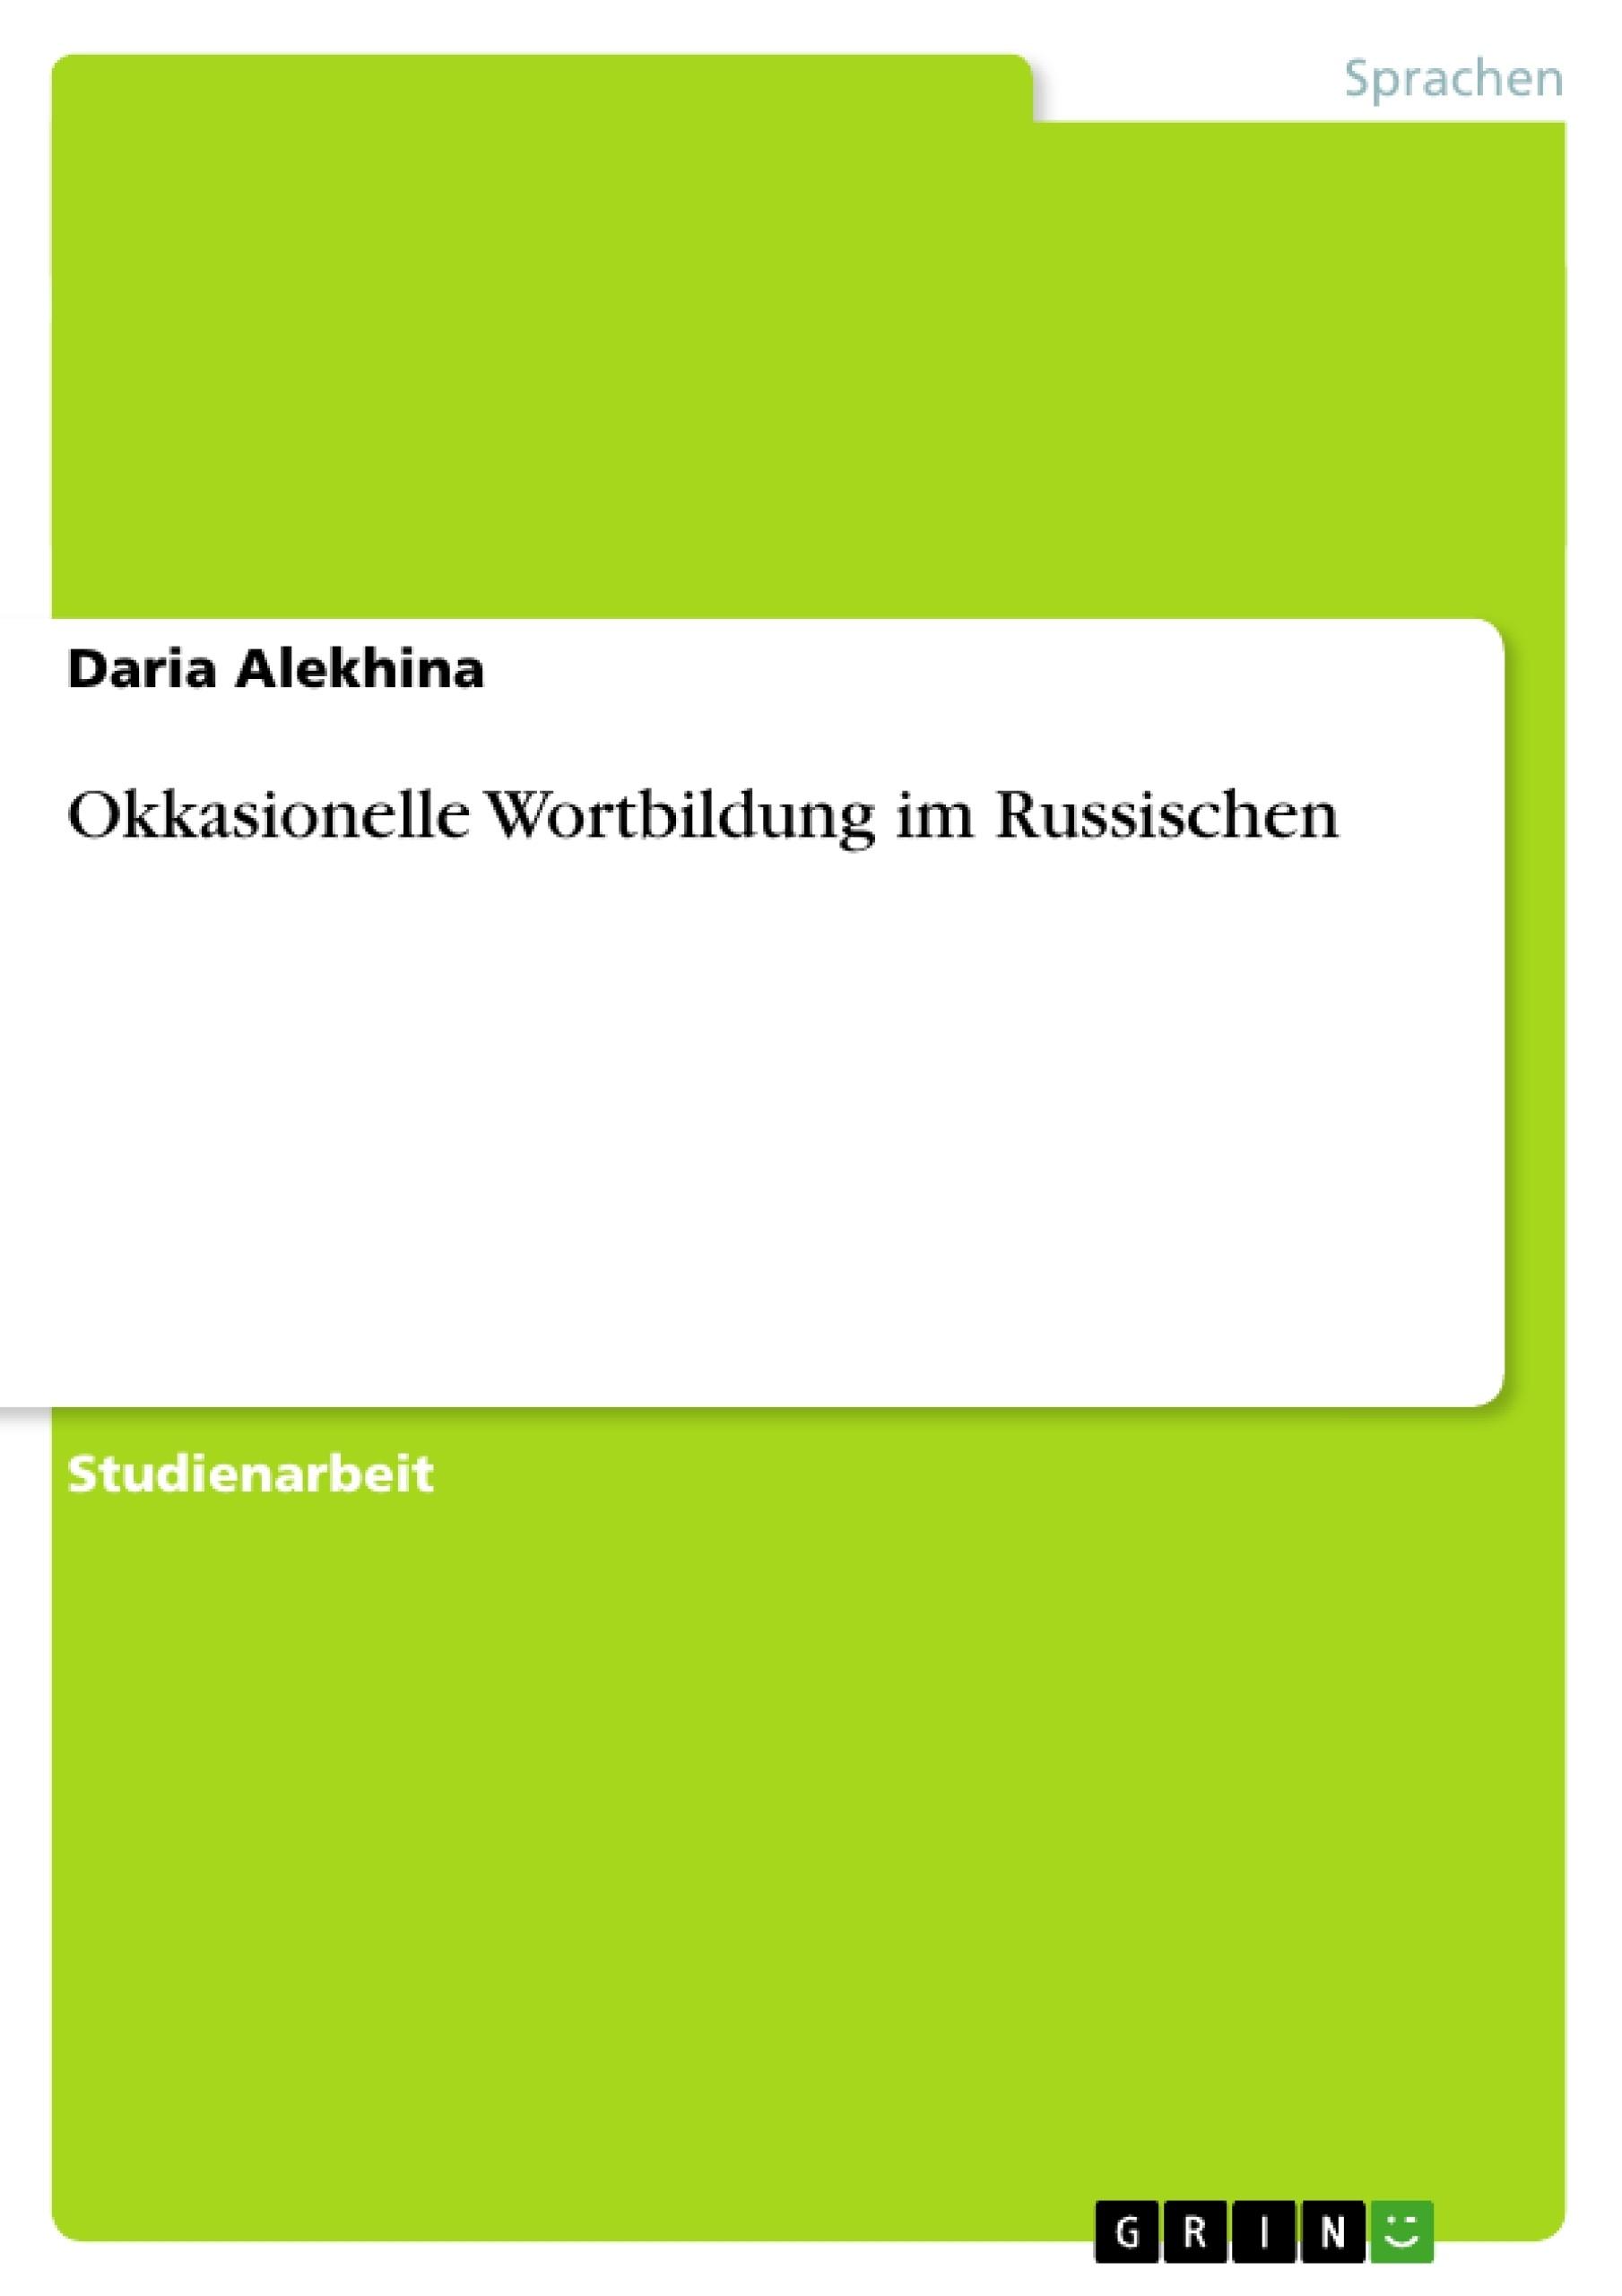 Titel: Okkasionelle Wortbildung im Russischen